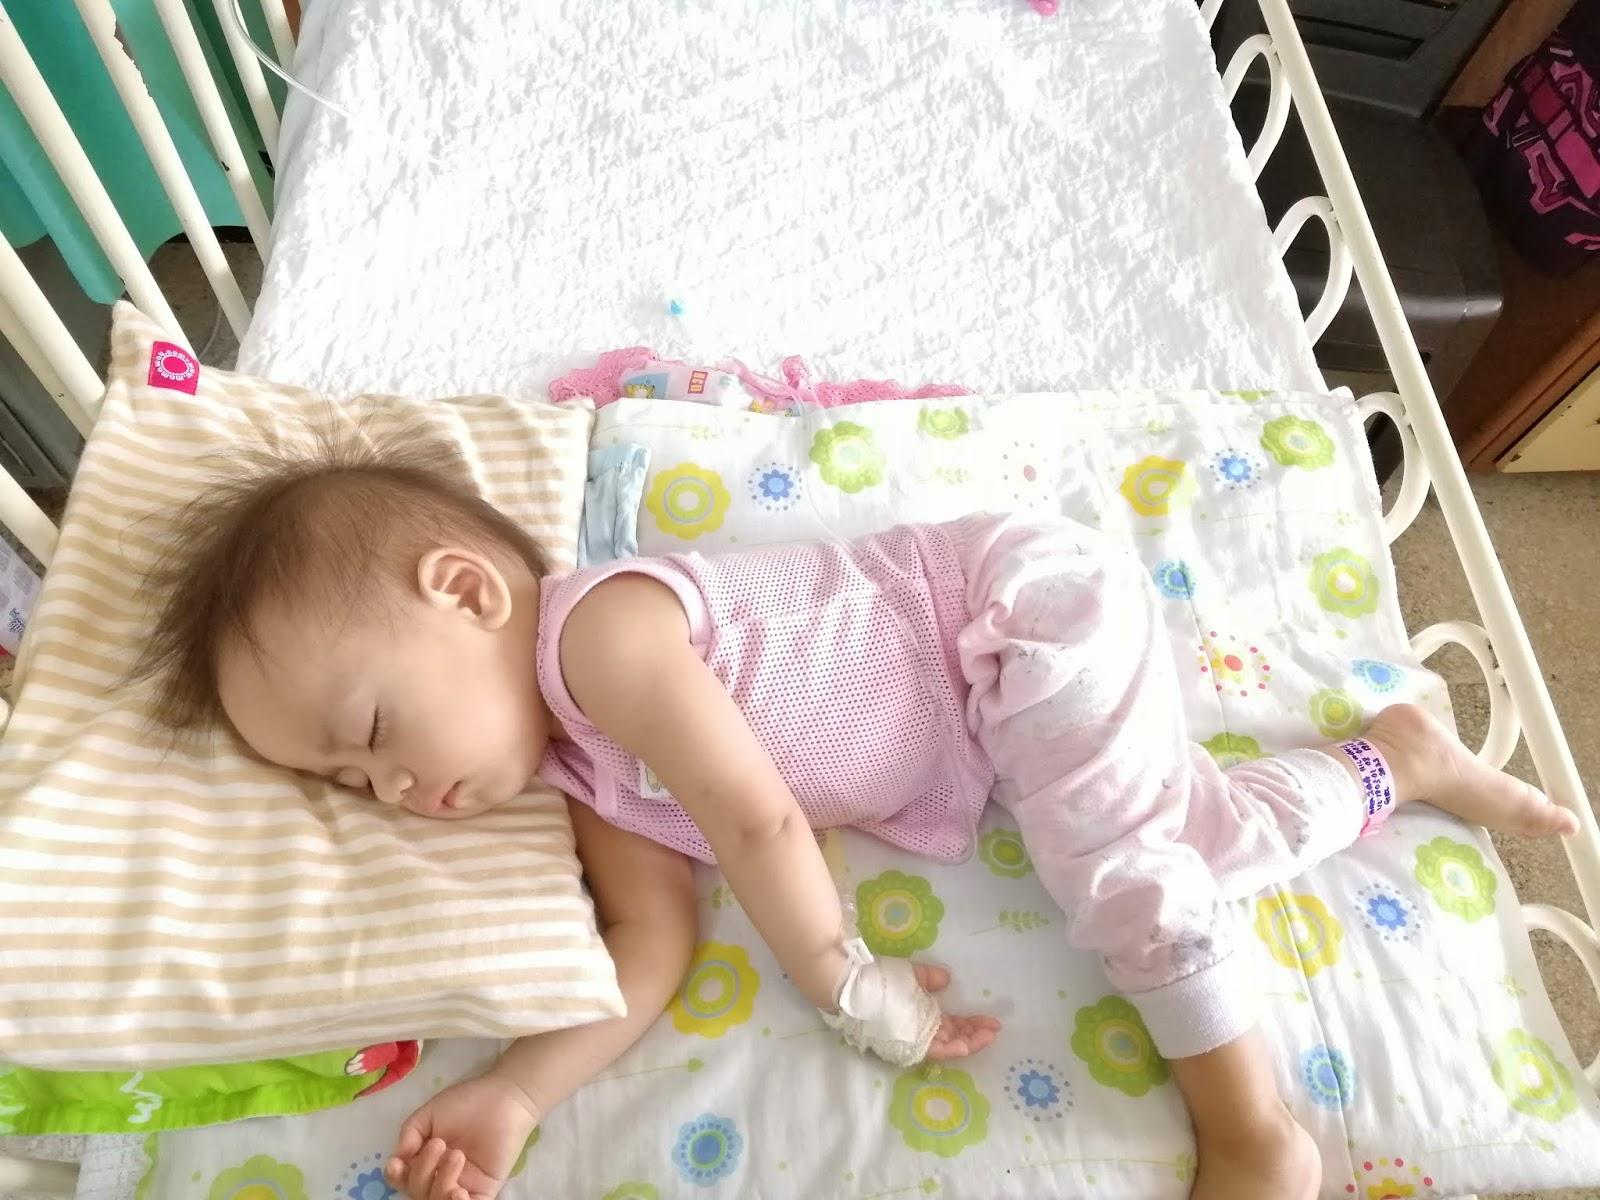 Baby kena tonsilitis tonsil bengkak